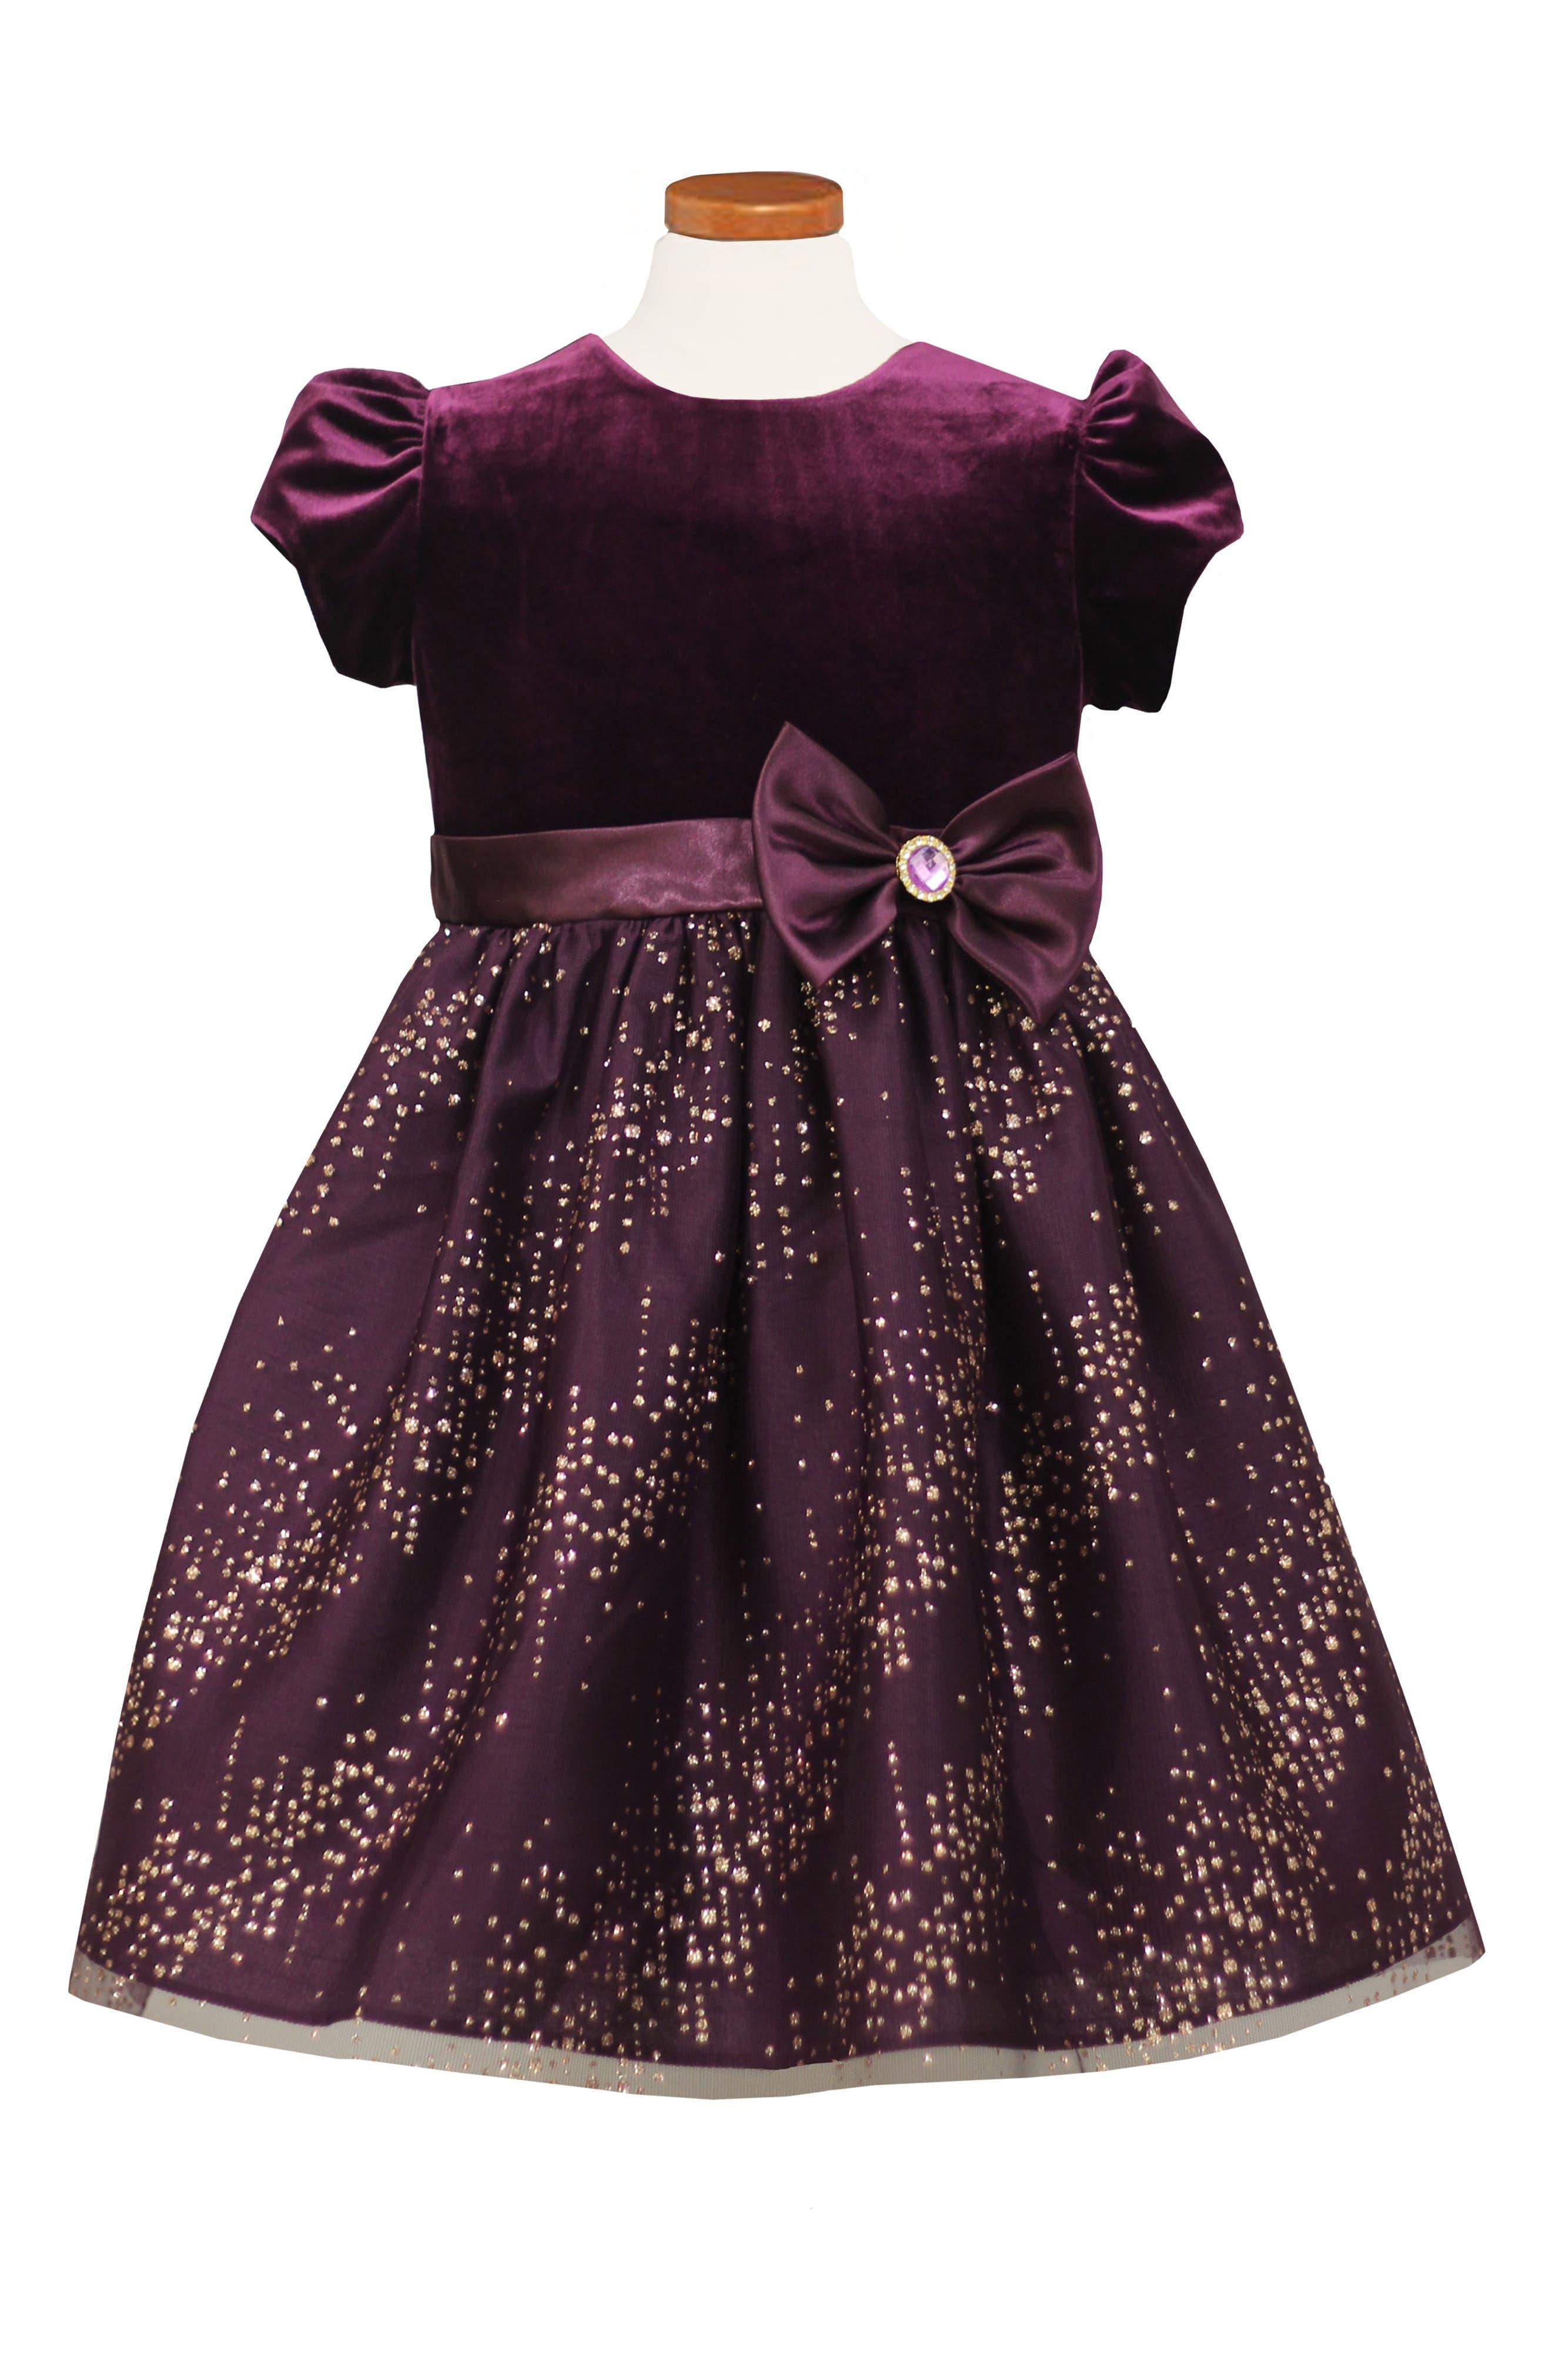 Main Image - Sorbet Velvet Bodice Fit & Flare Dress (Toddler Girls & Little Girls)